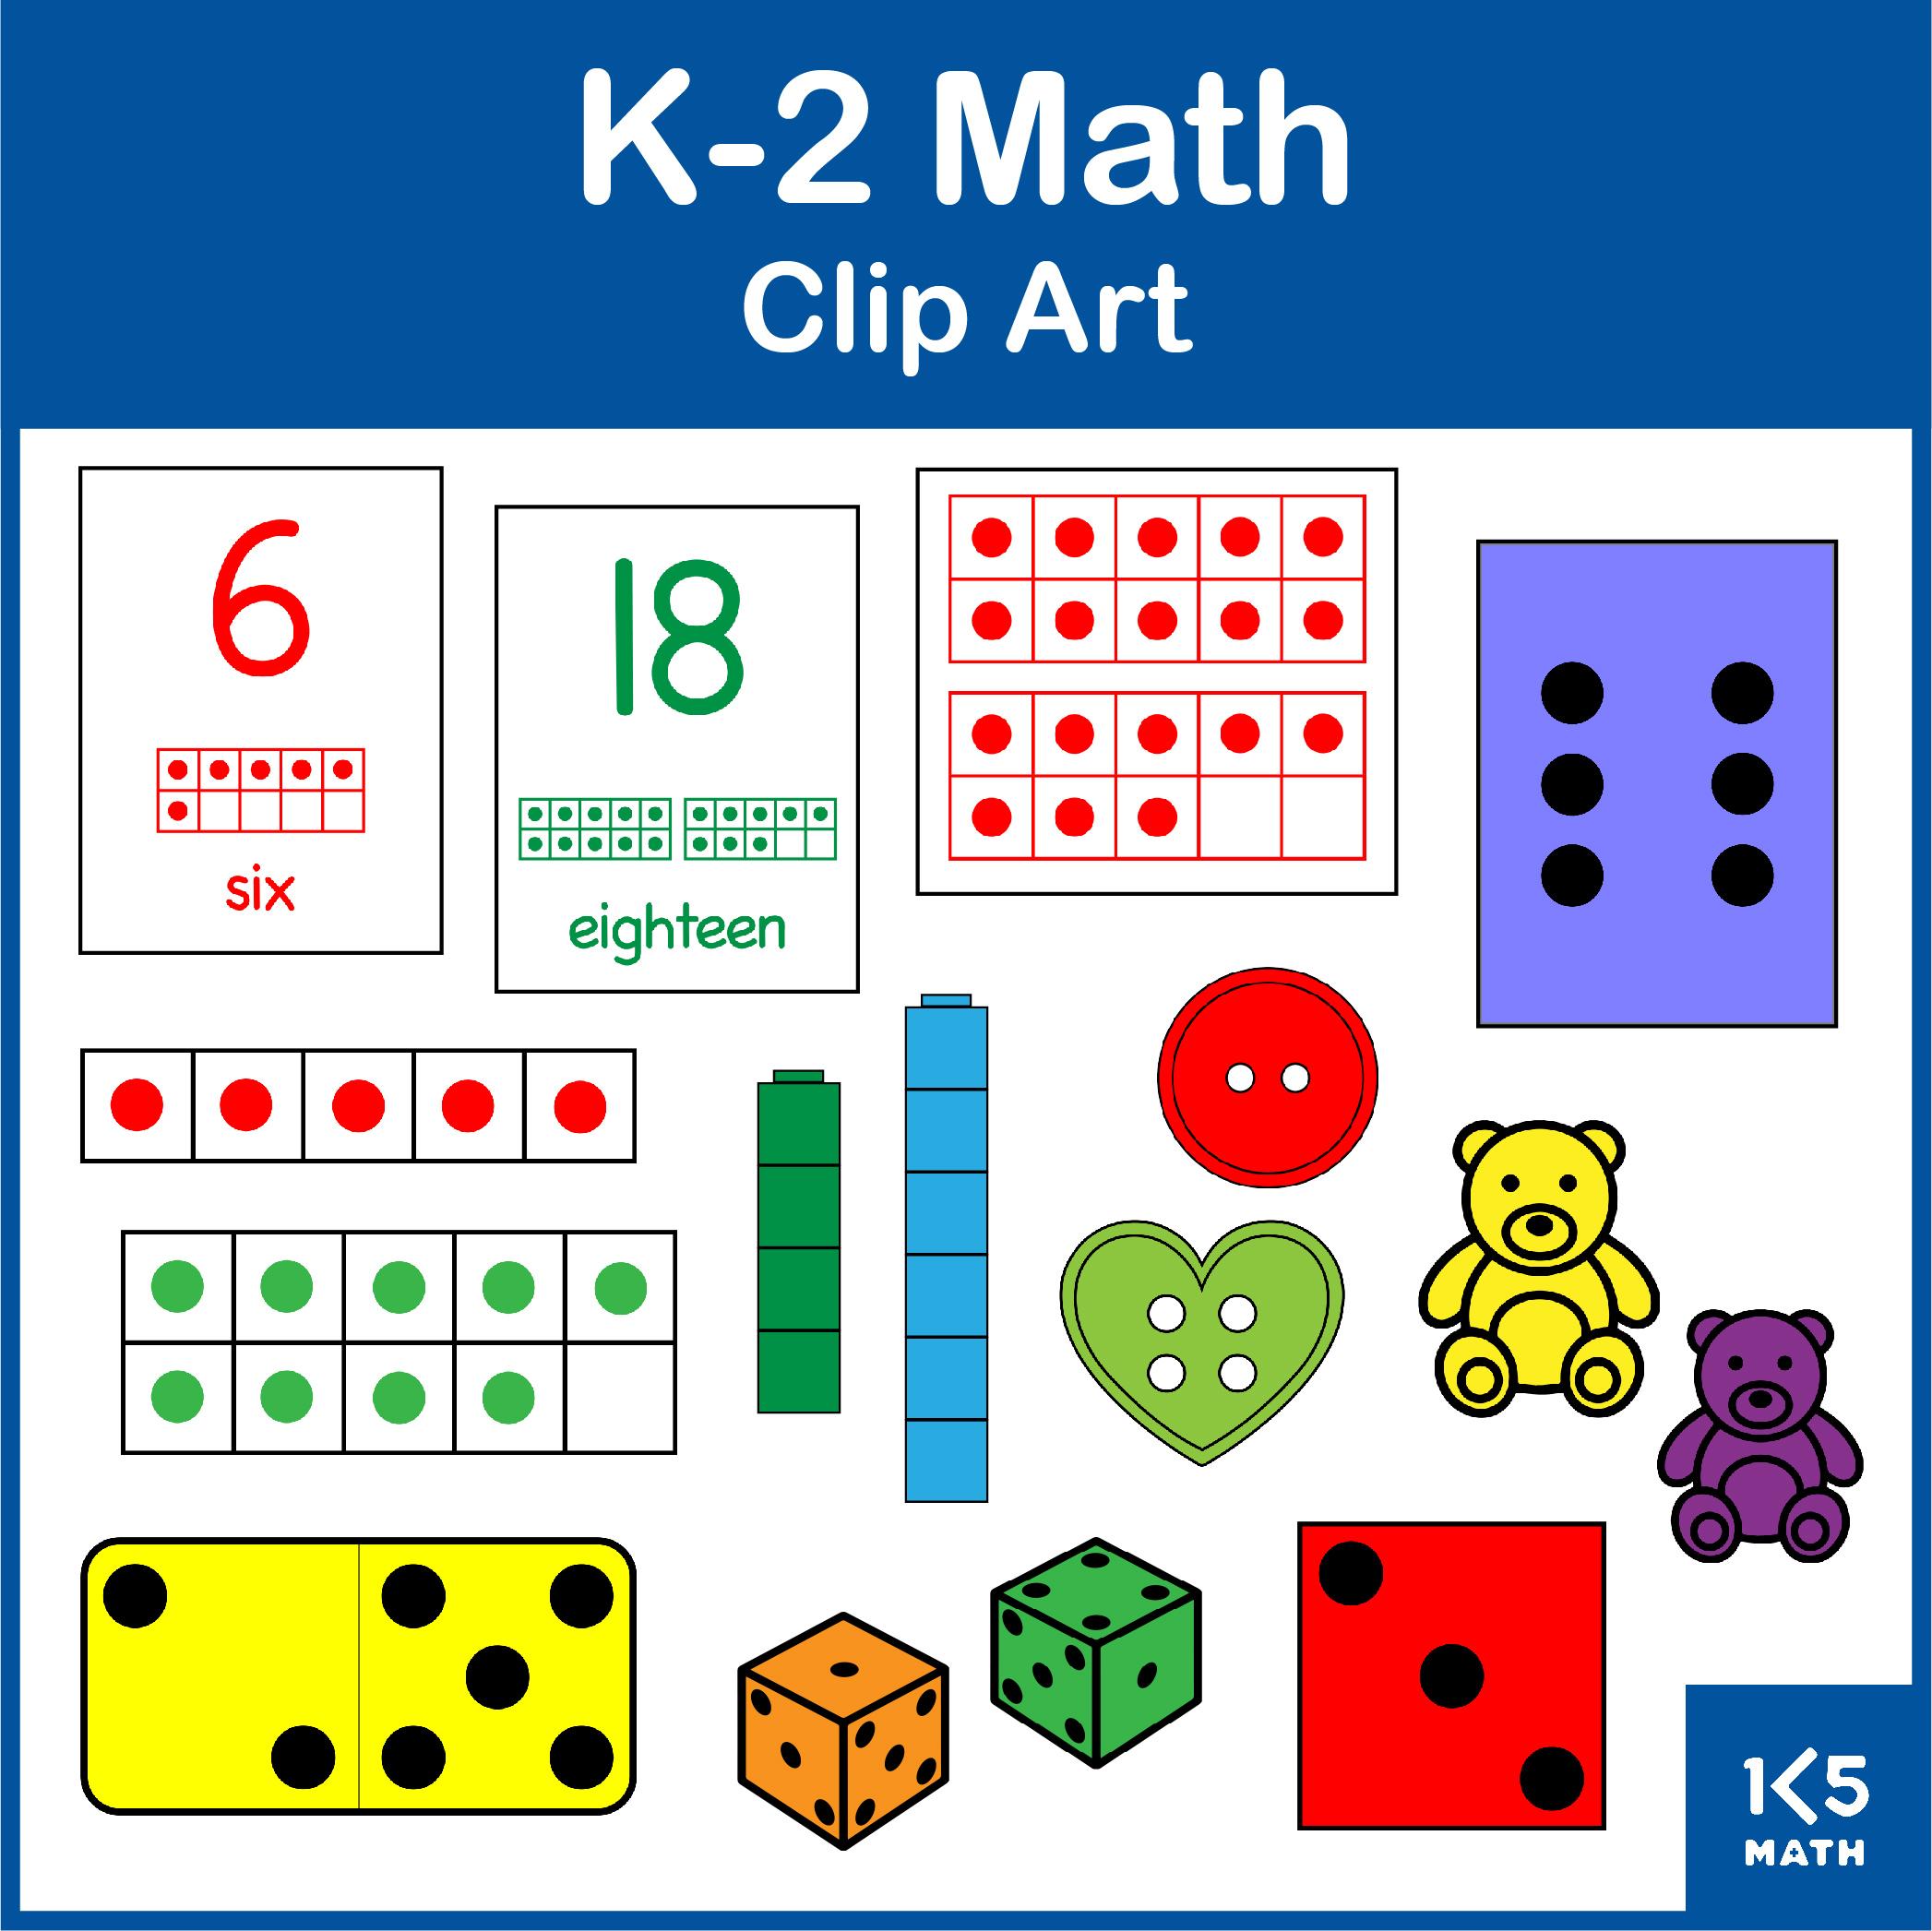 K-2 Math Clip Art Bundle